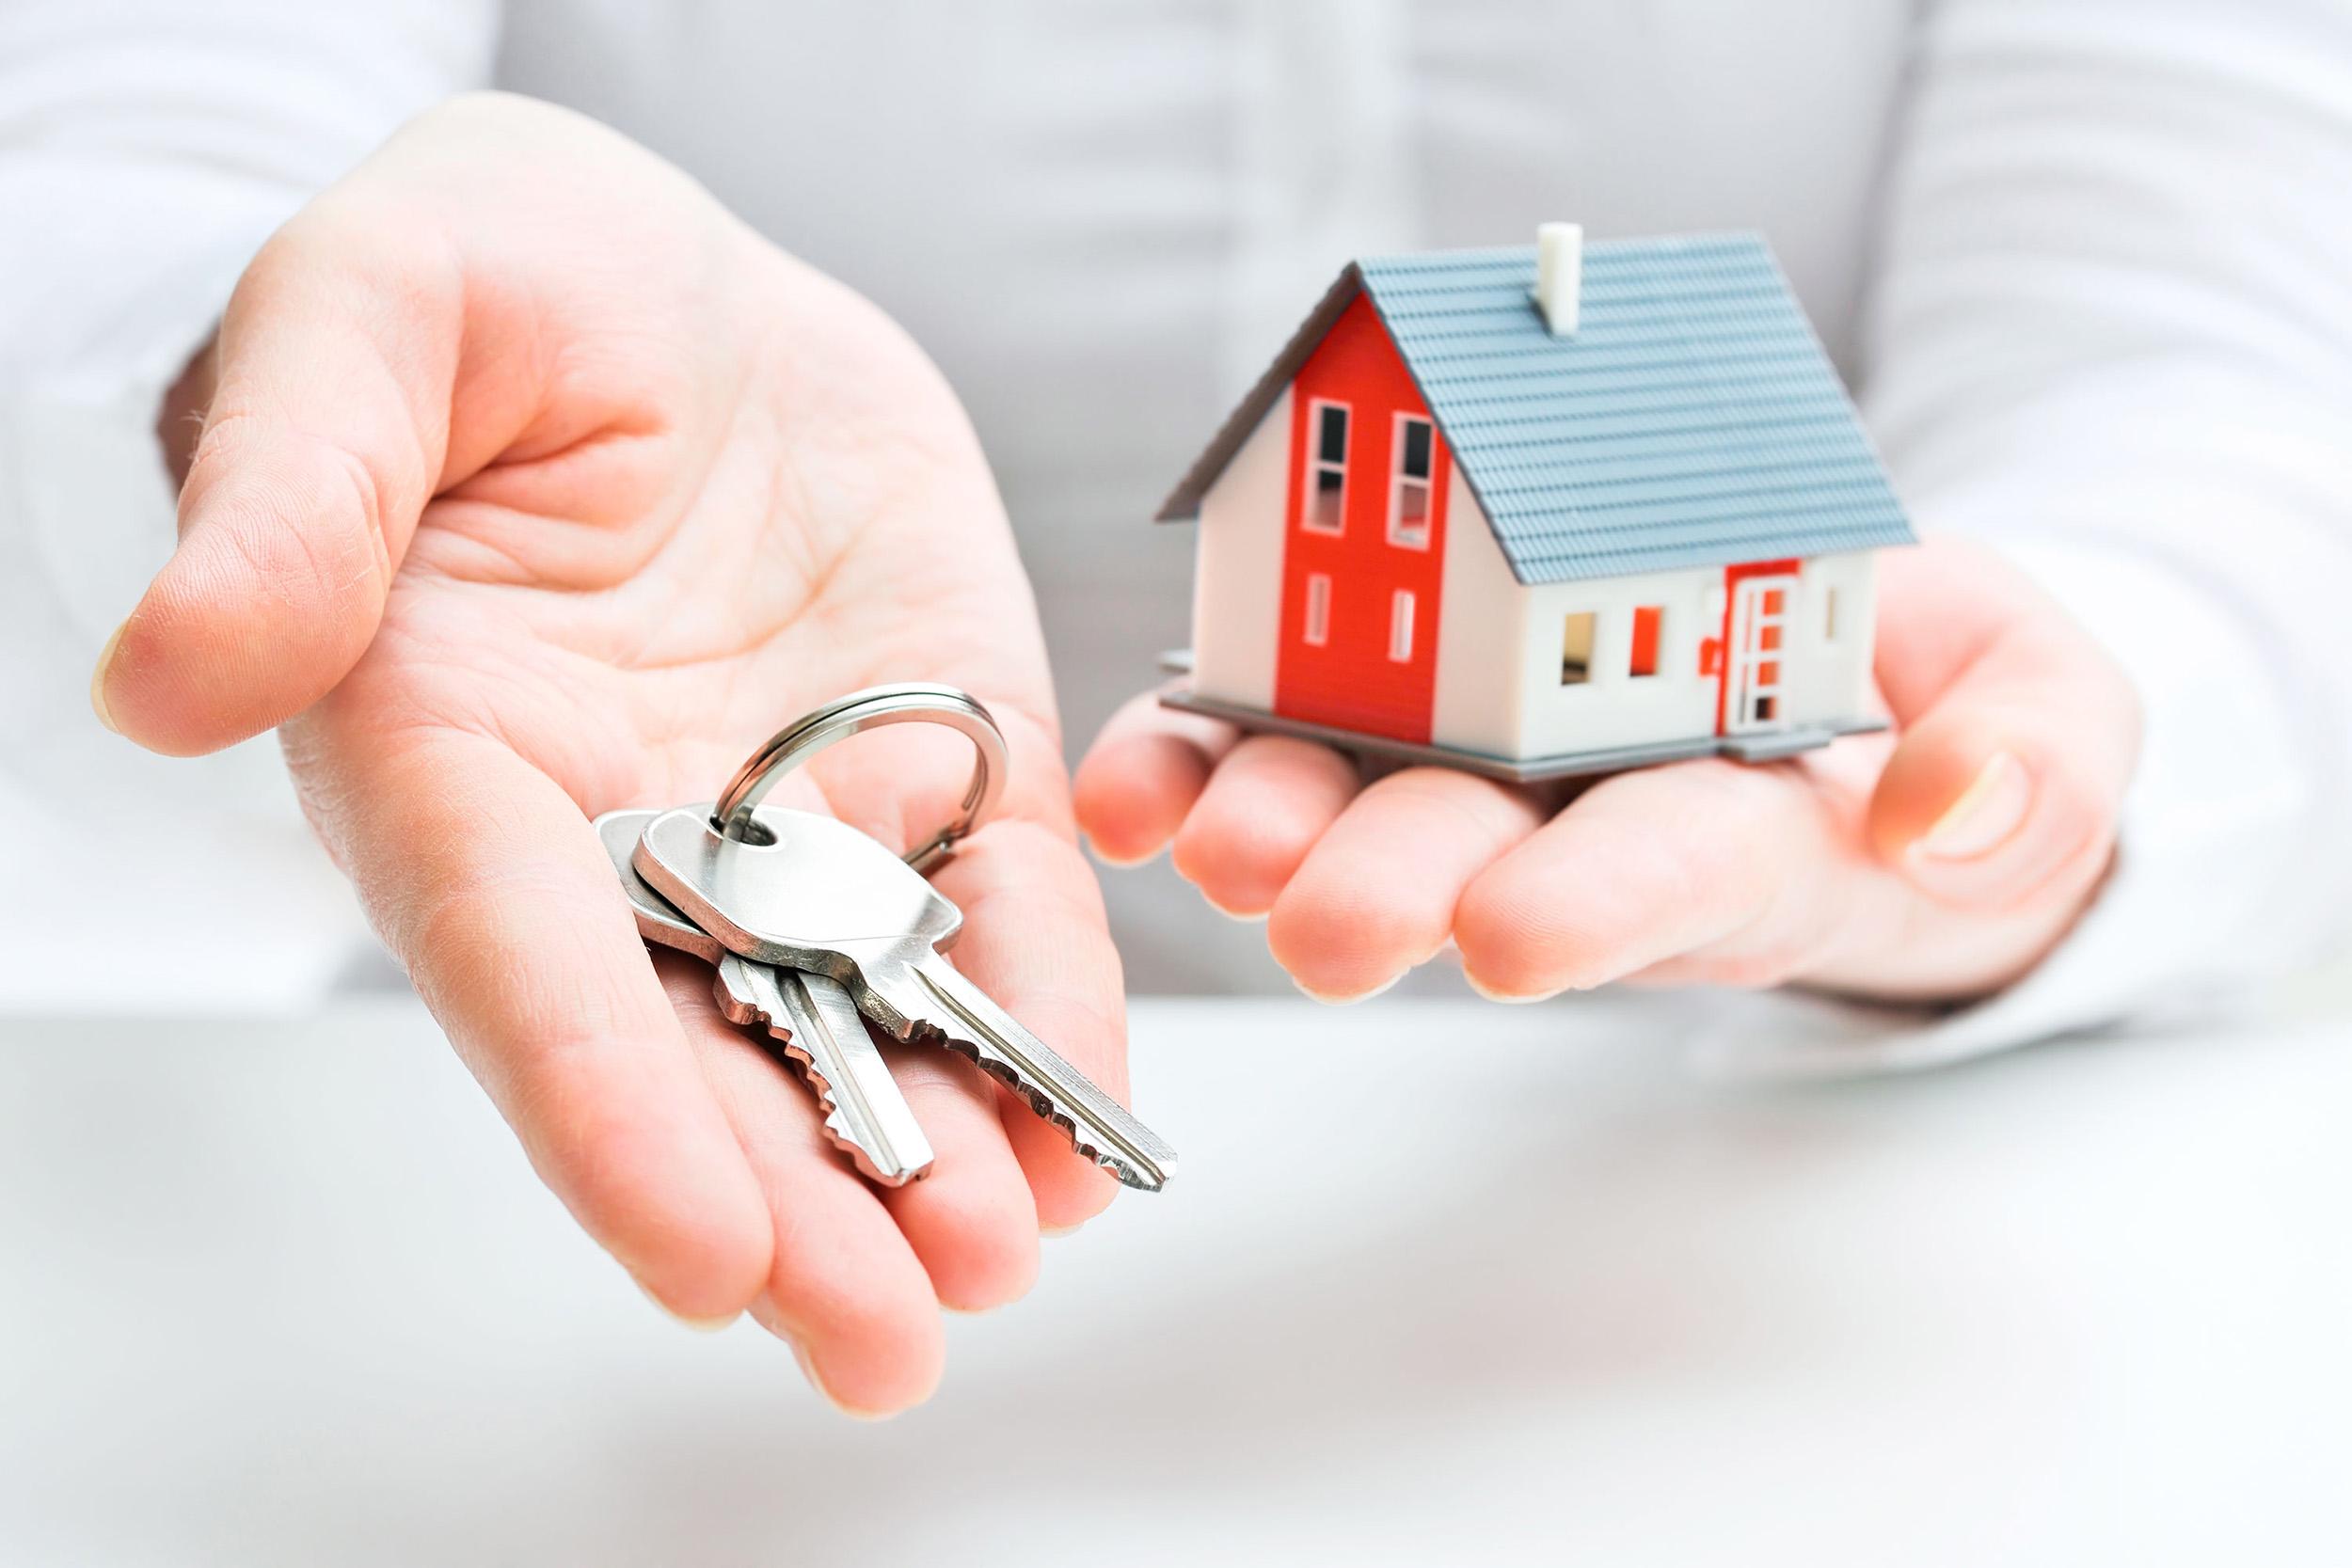 Häuser und Wohnungen kaufen, verkaufen, mieten und vermieten